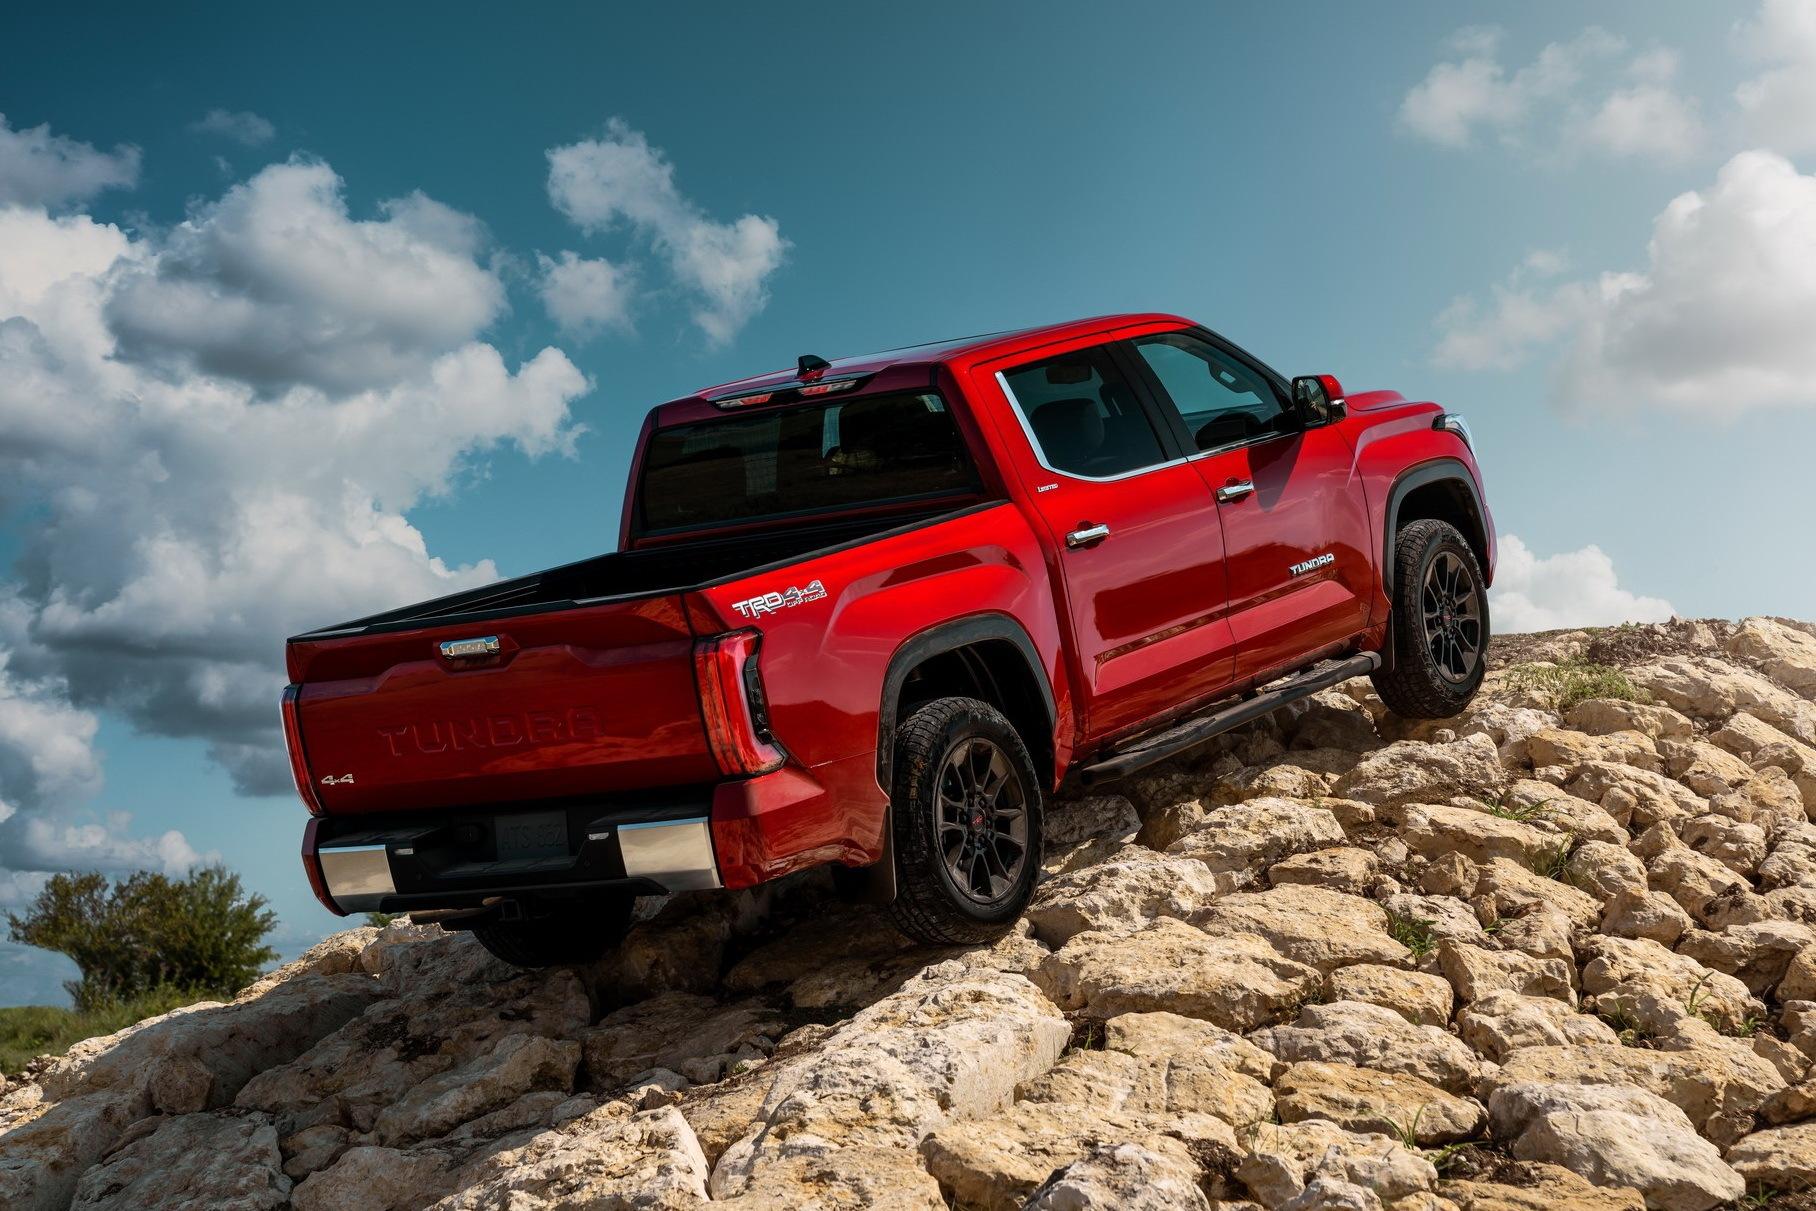 Видео: Toyota испытала новую Tundra, сбросив с высоты 200-килограммовый груз